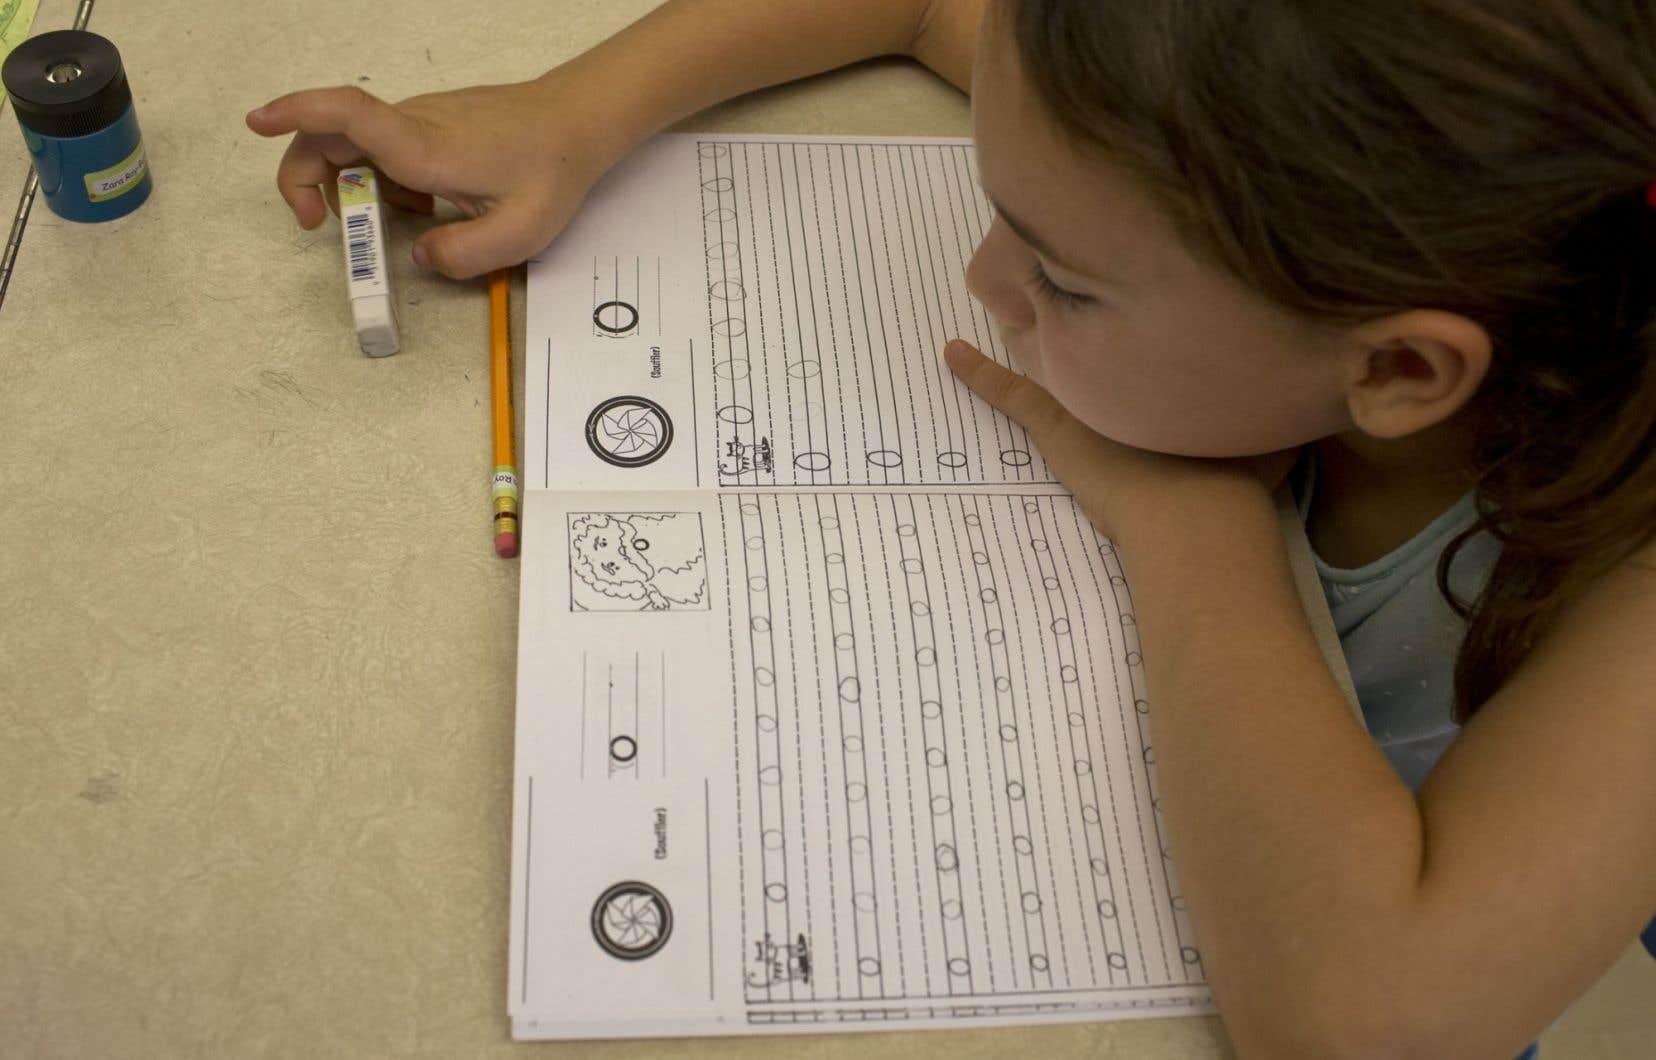 Le suivi que doivent assurer les commissions scolaires auprès des enfants qui sont scolarisés à domicile serait, au mieux, inadéquat, et au pire, complètement inexistant.